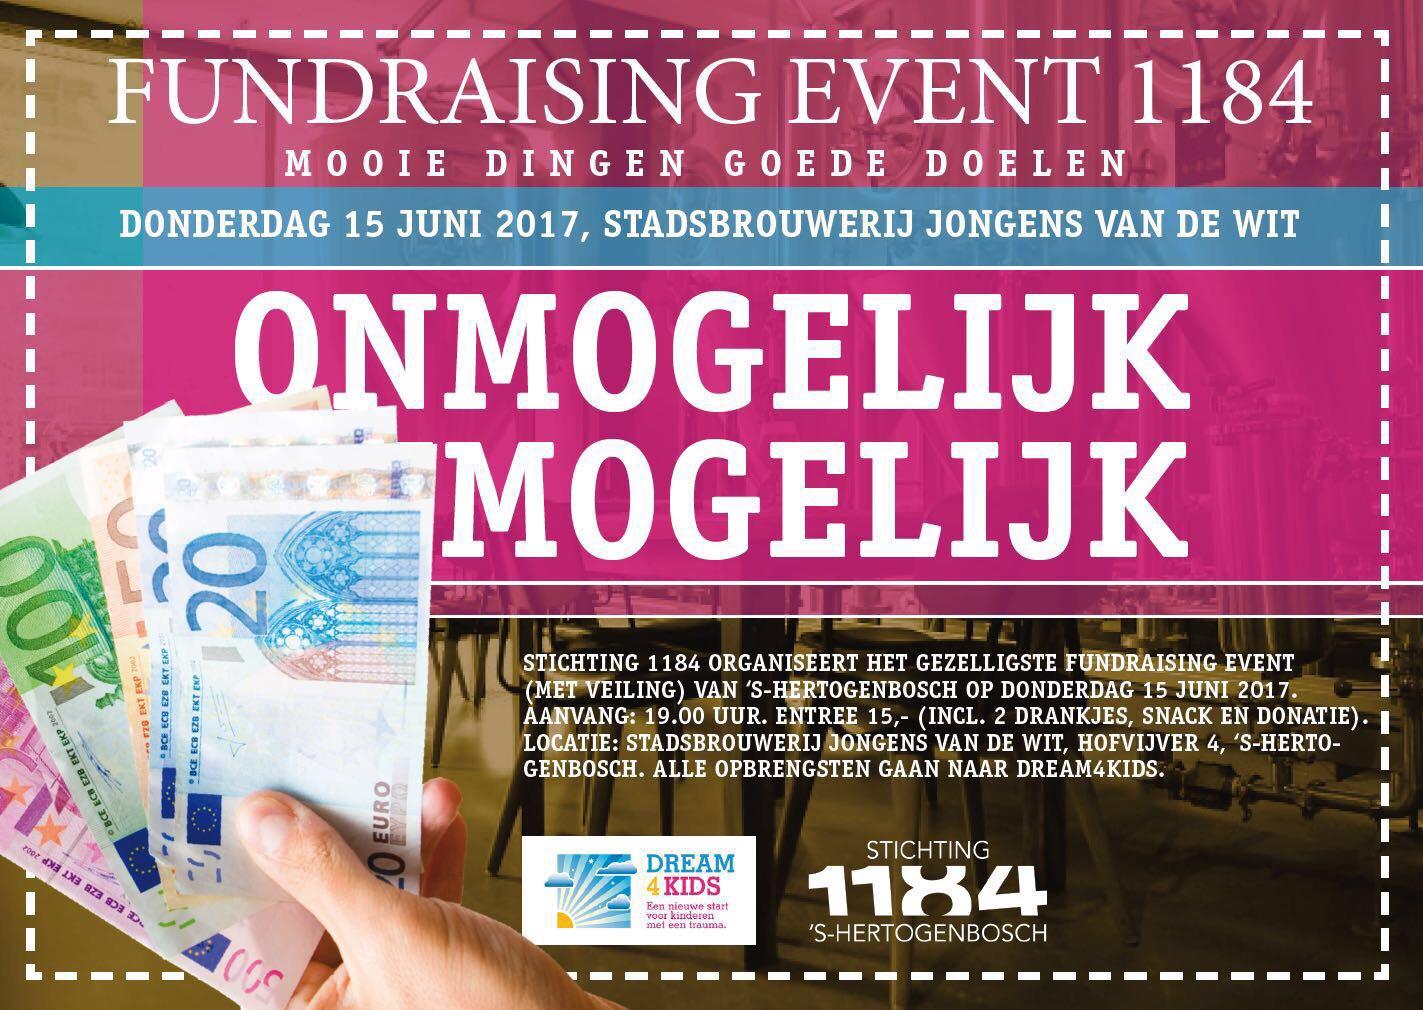 fundraising event 1184